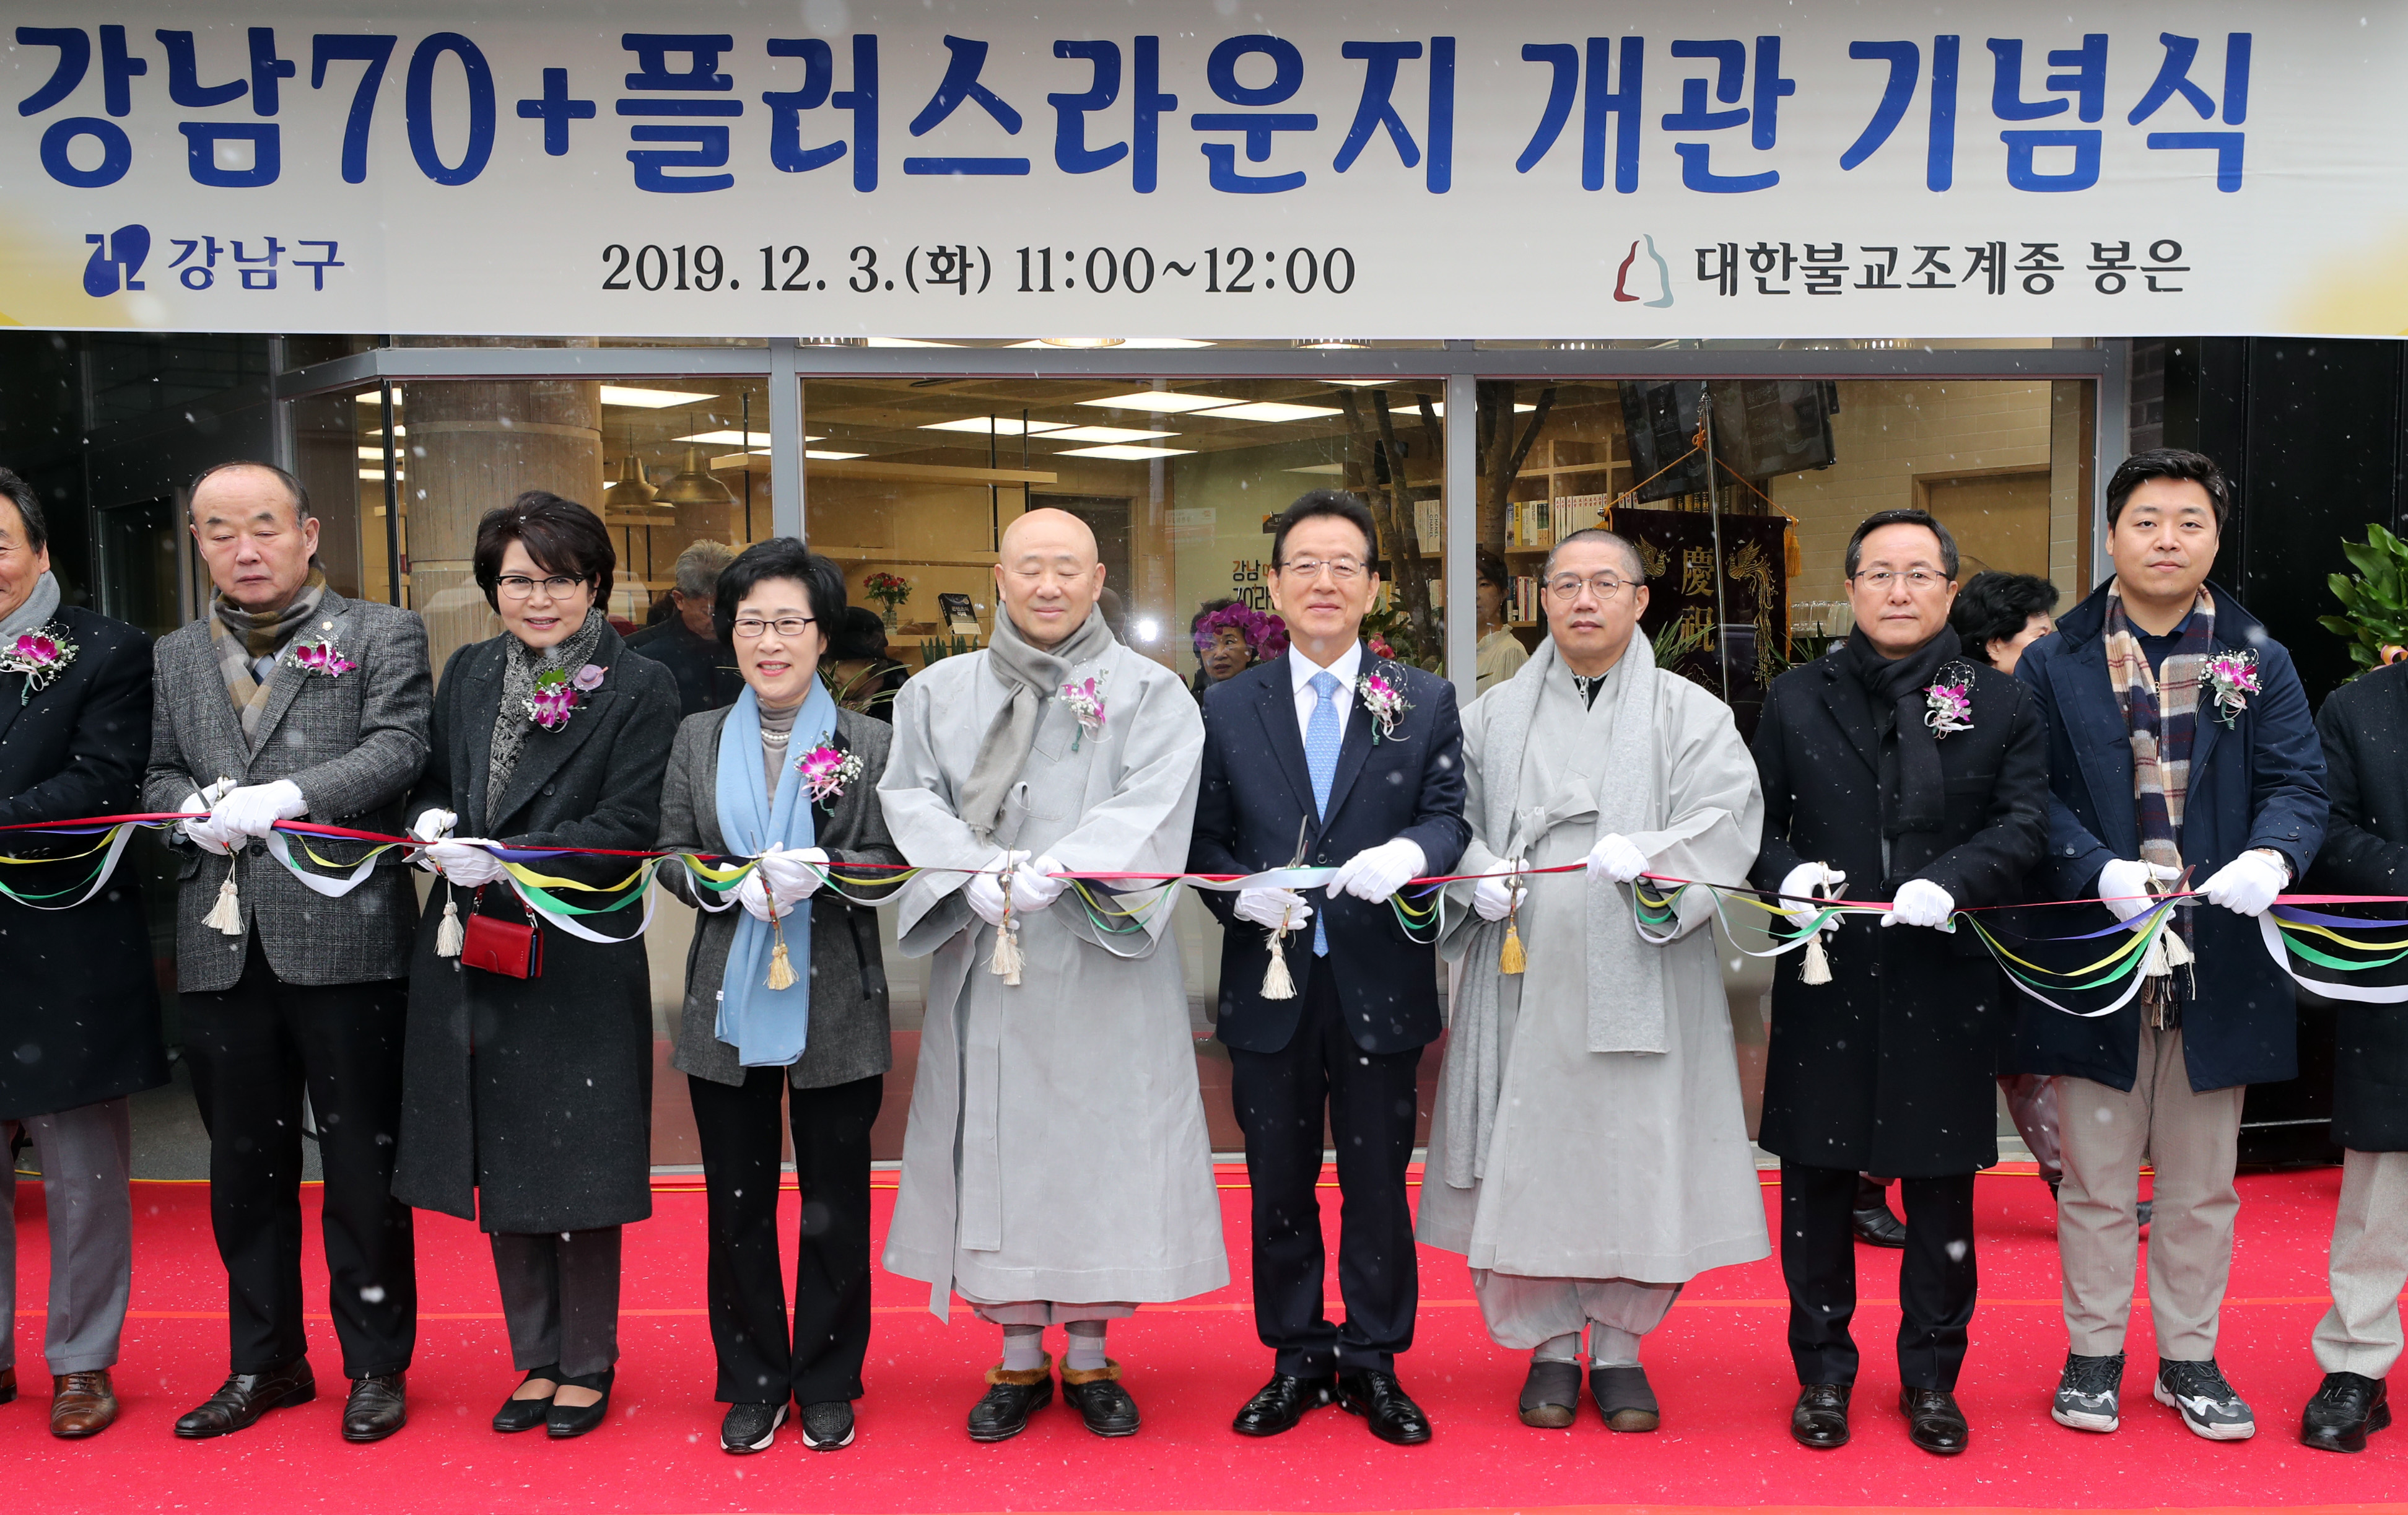 강남구, '강남70+라운지' 개관 기념식 개최